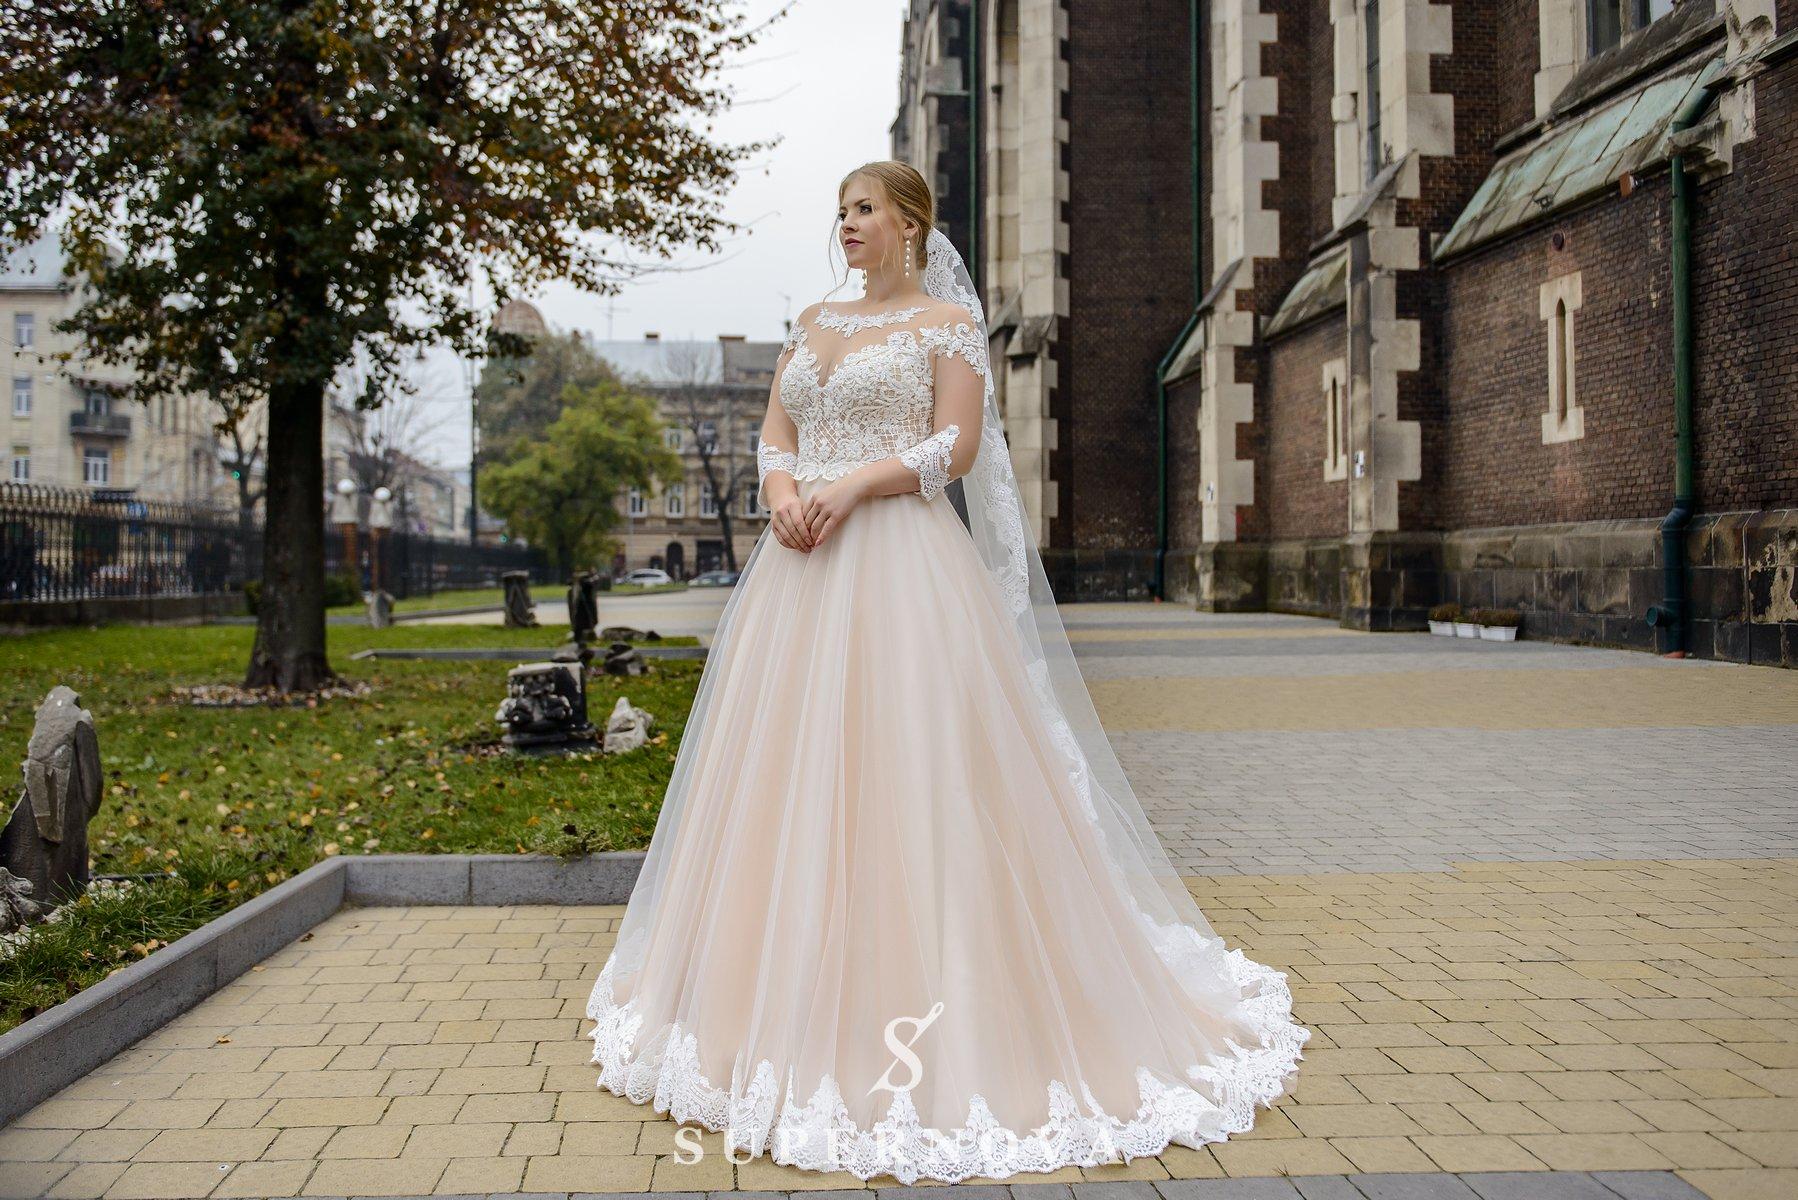 Весільна сукня з напівпрозорим корсетом великих розмірів оптом від SuperNova-1